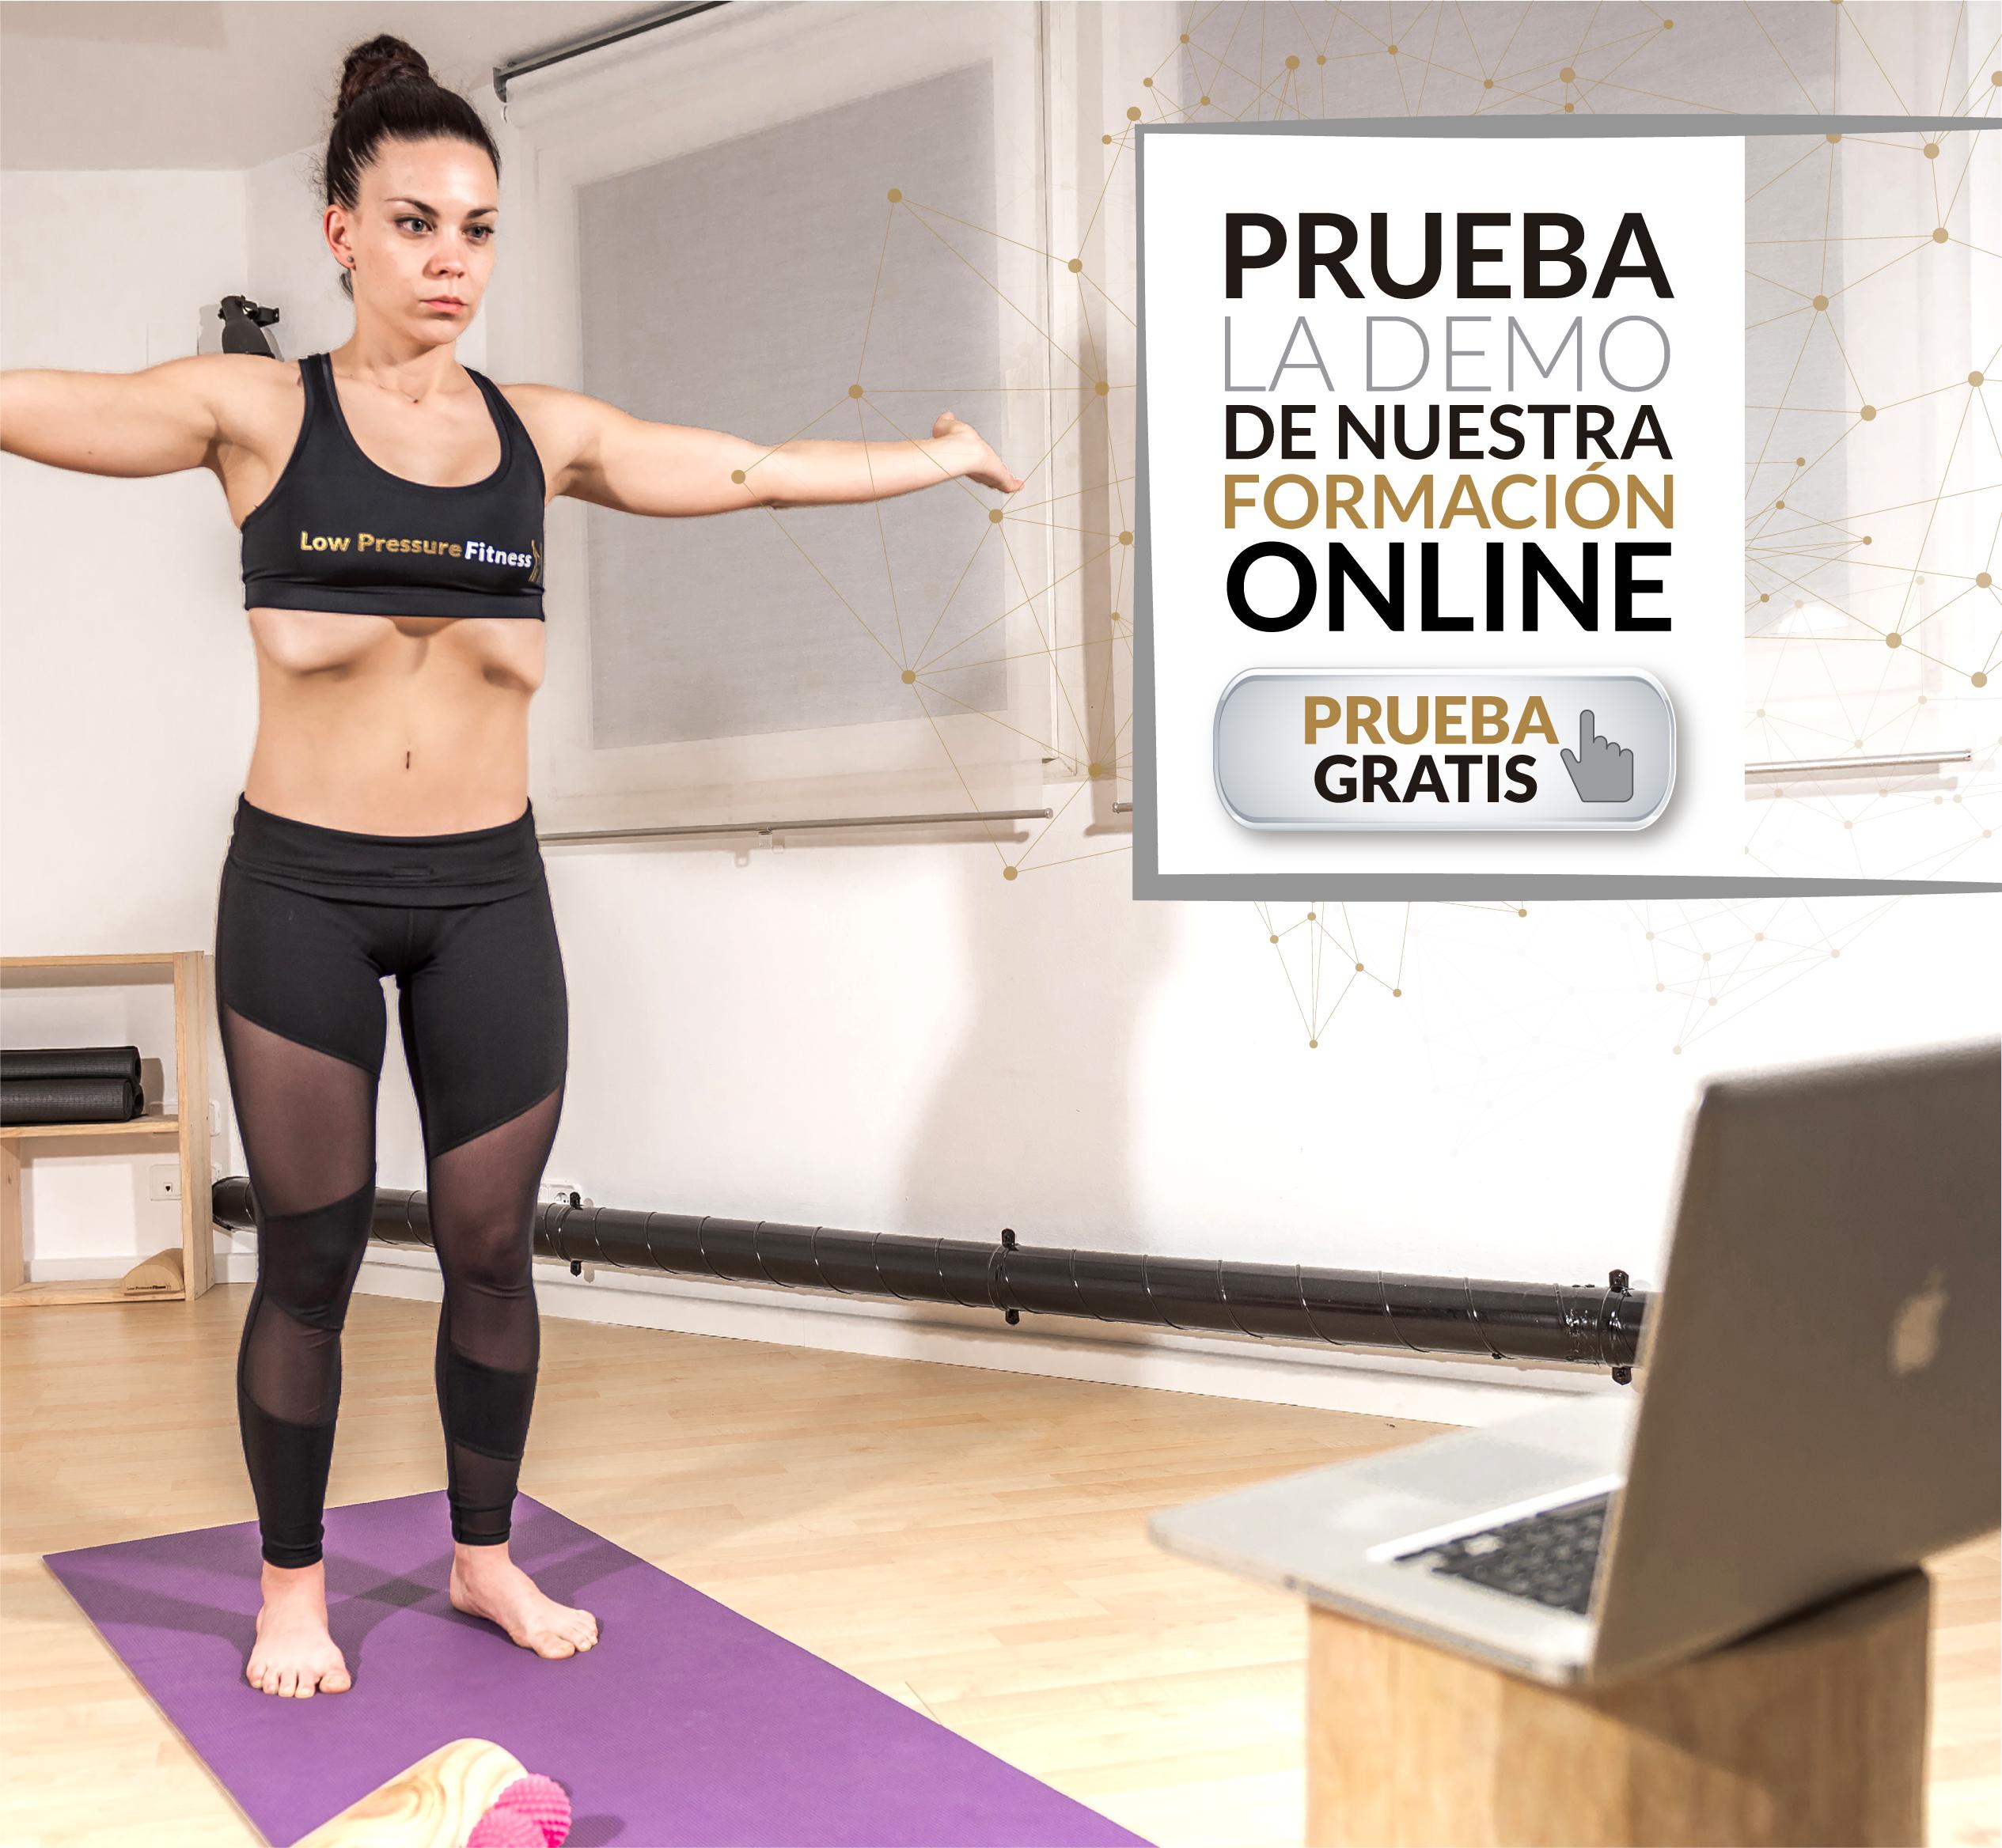 Demo Online